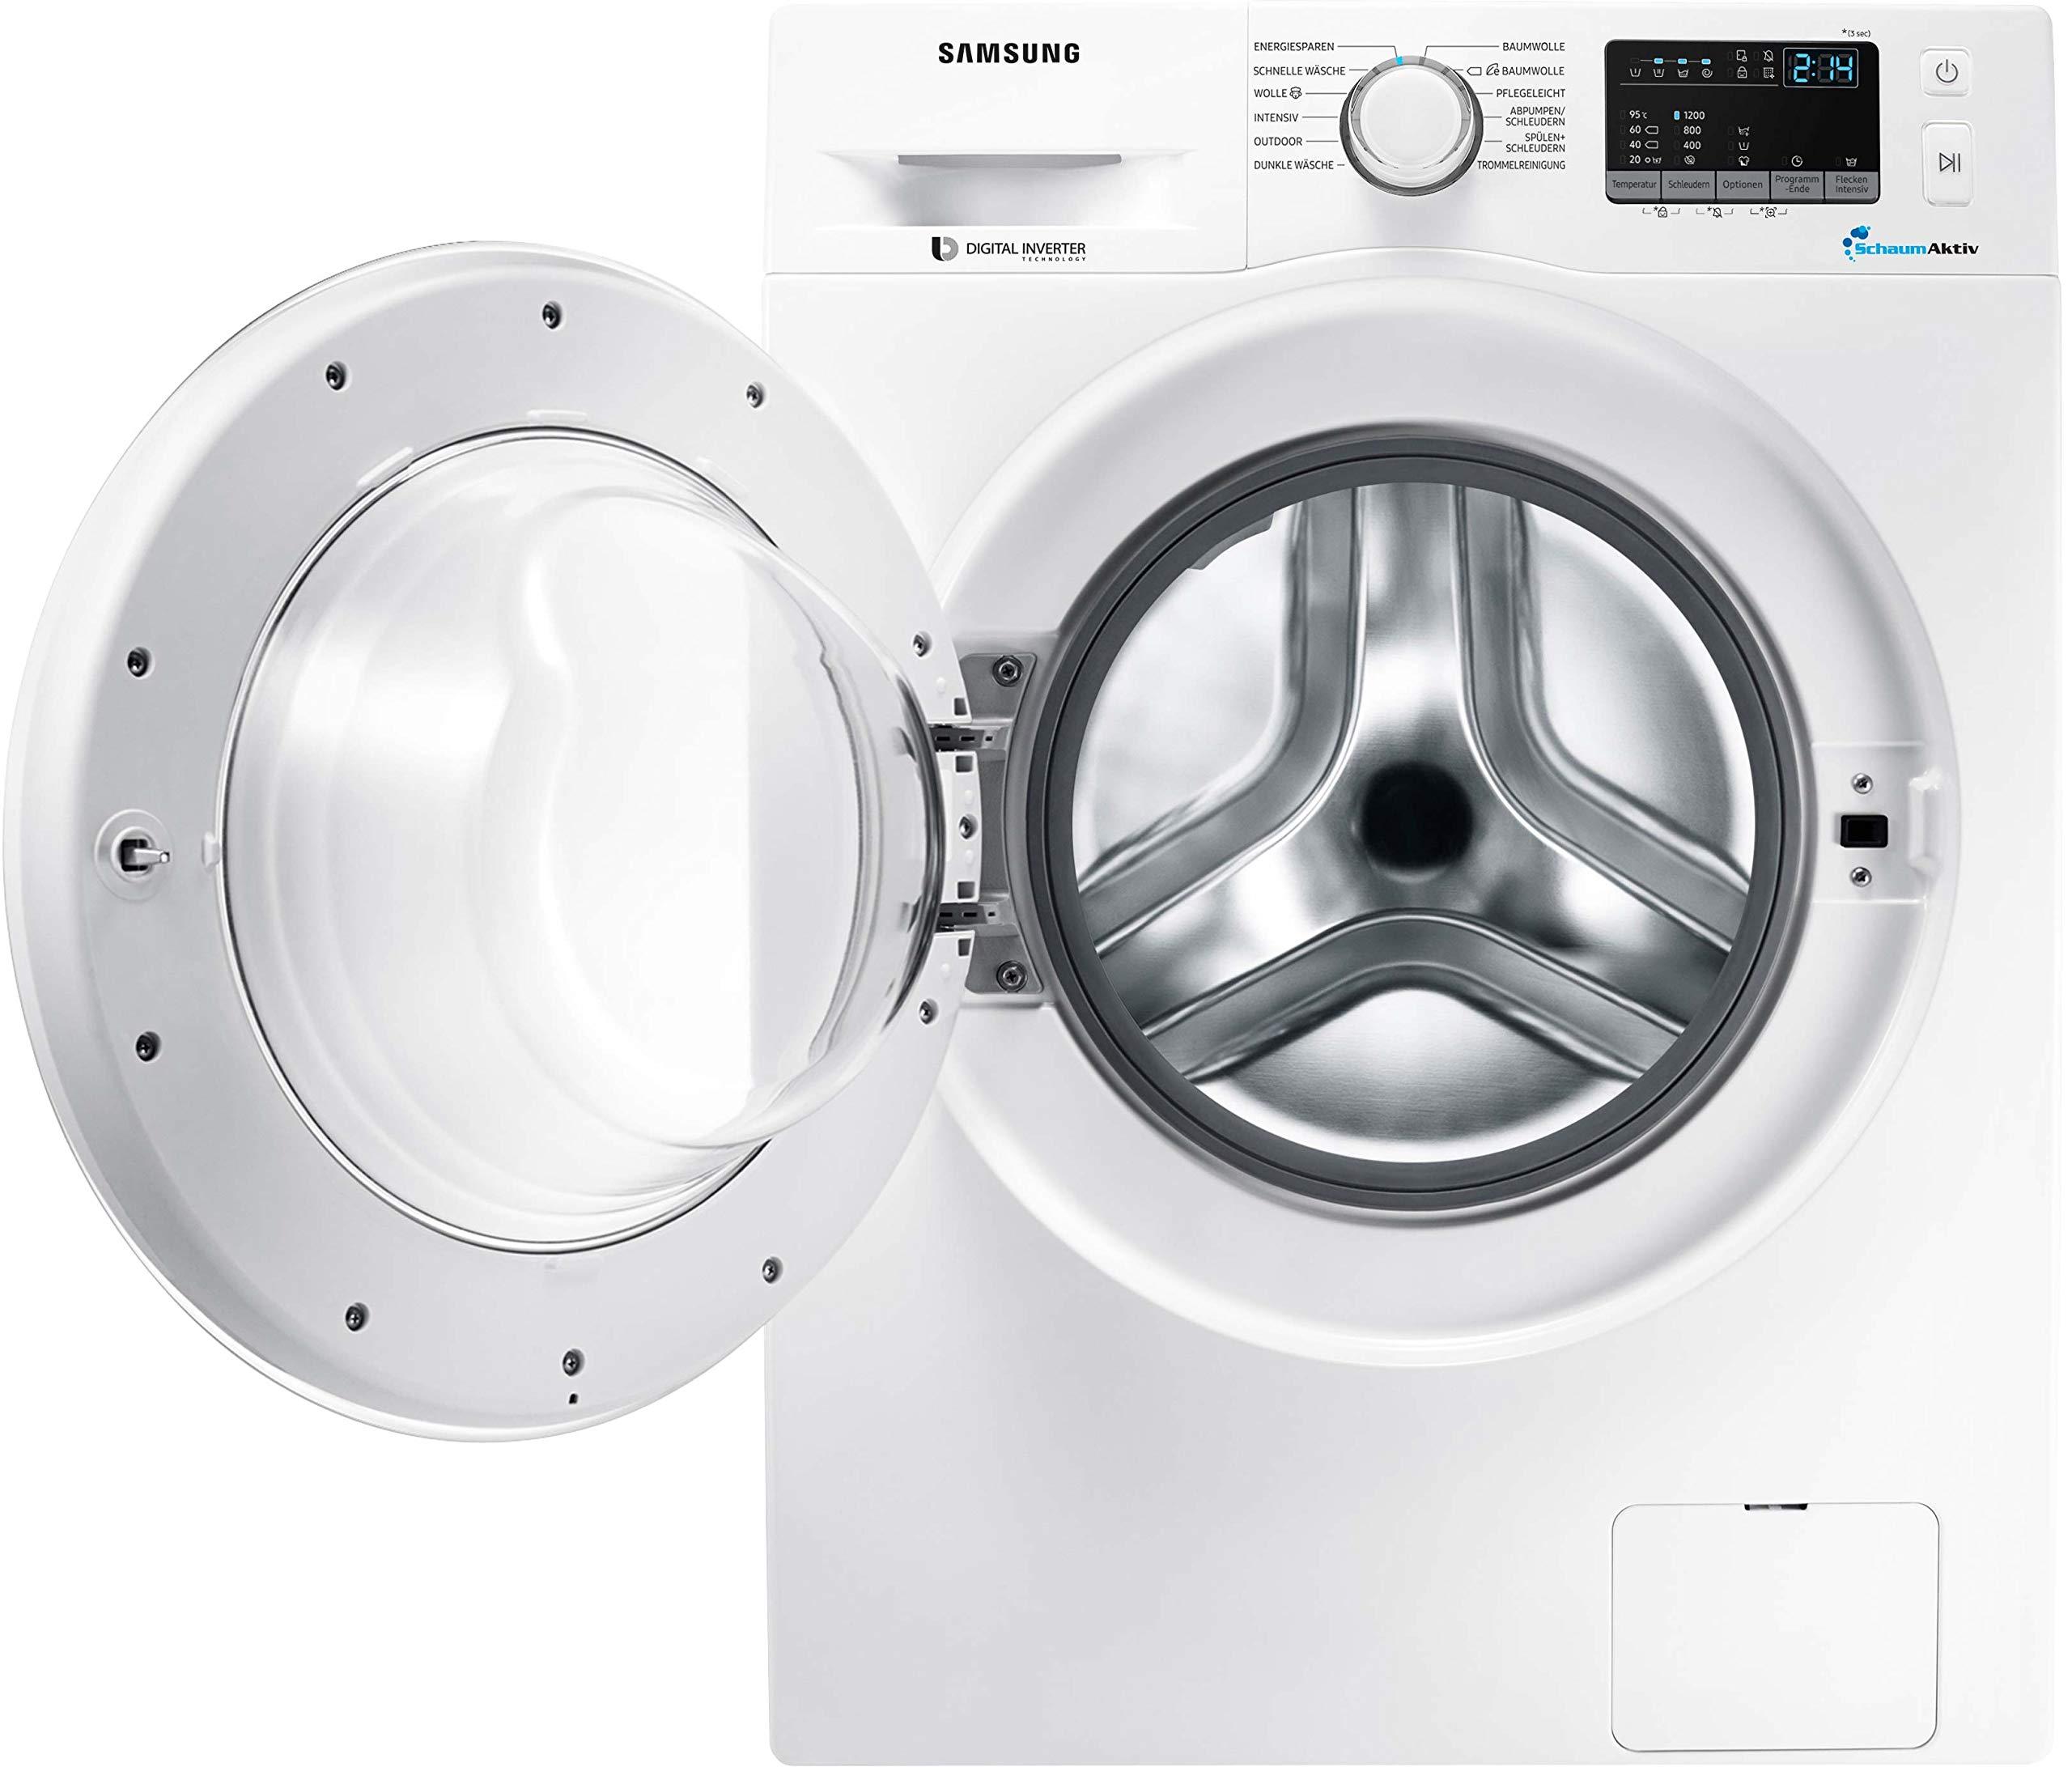 Samsung-WW4000-WW60J42A0LWEG-Waschmaschine-6-kg-1200-Umin-A-Schaumaktiv-Technologie-Digital-Inverter-Motor-mit-10-Jahren-Garantie